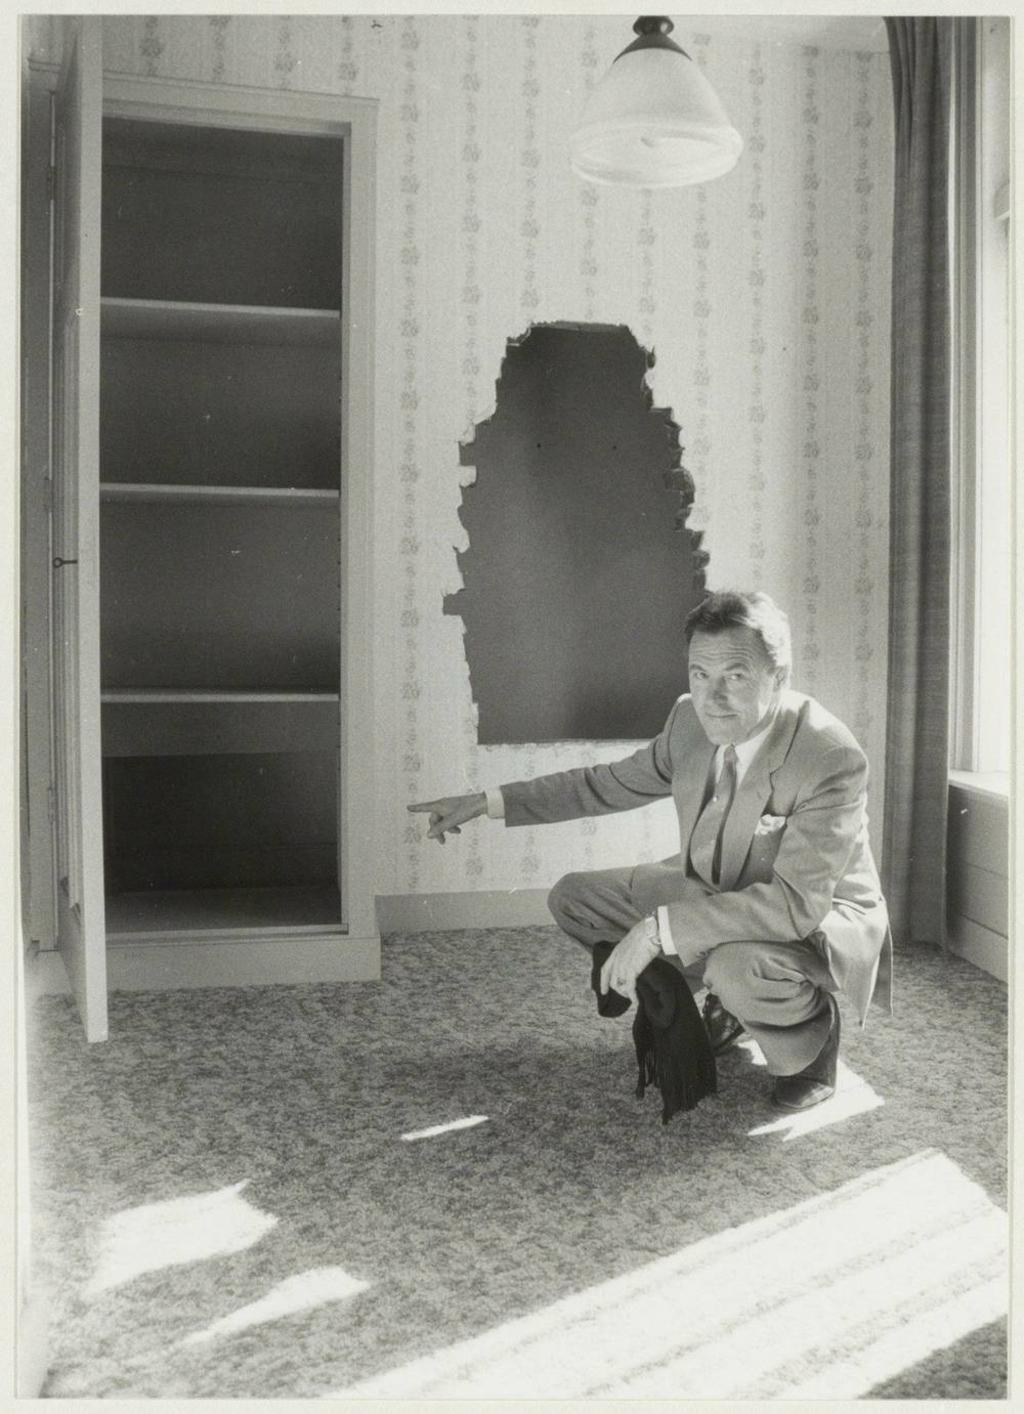 <p>De toegang tot de geheime kamer. Foto uit 1986. </p> Noord-Hollands Archief © BDU media